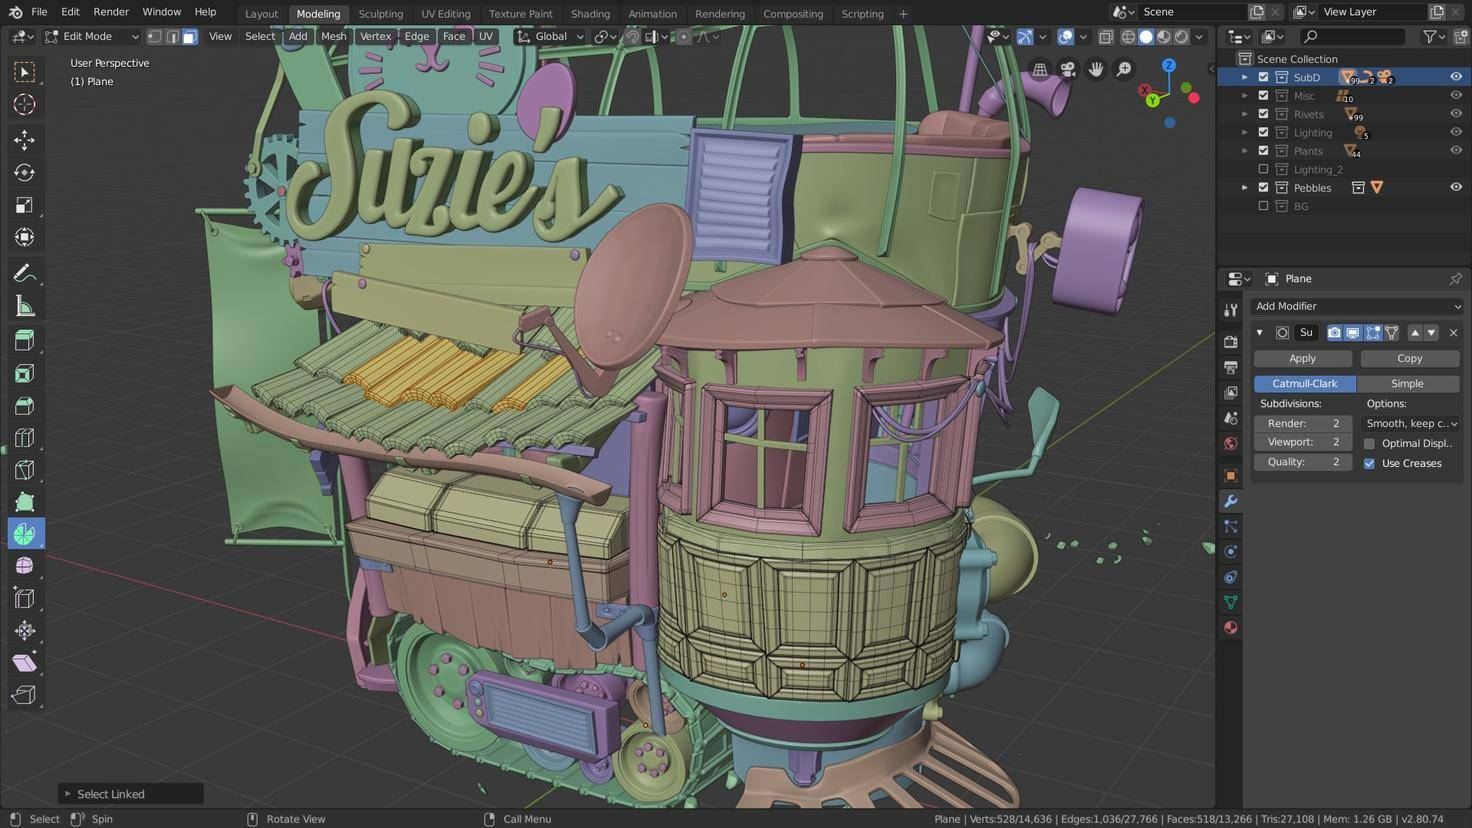 blender 3d printer software